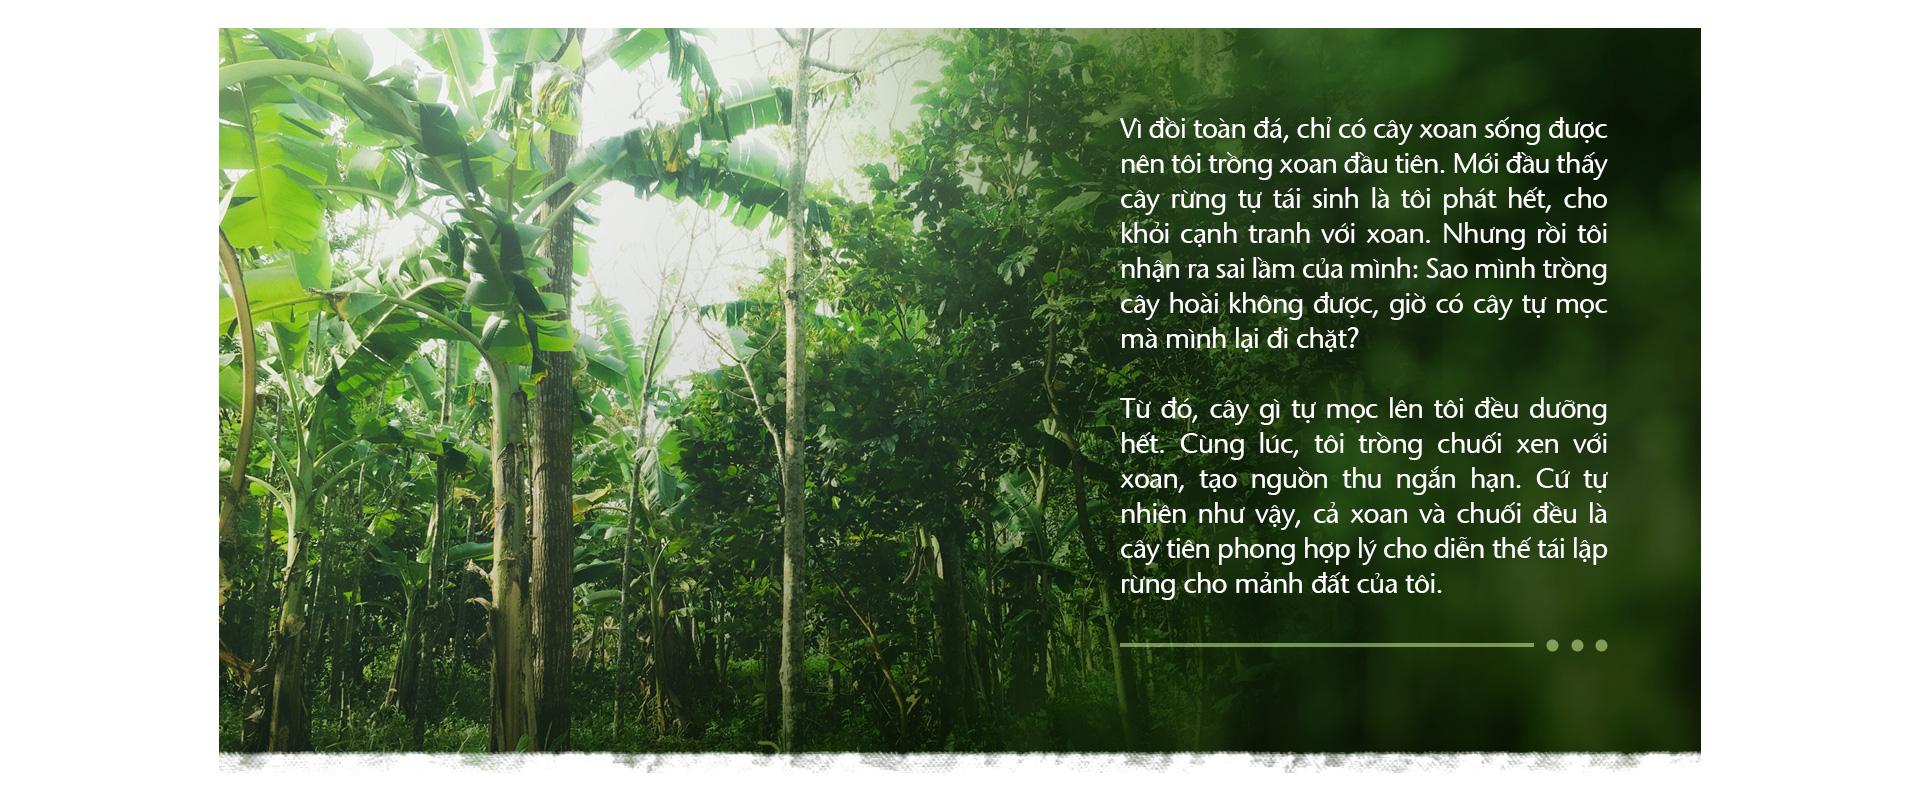 Trồng cây và nương tựa tự nhiên - Ảnh 2.